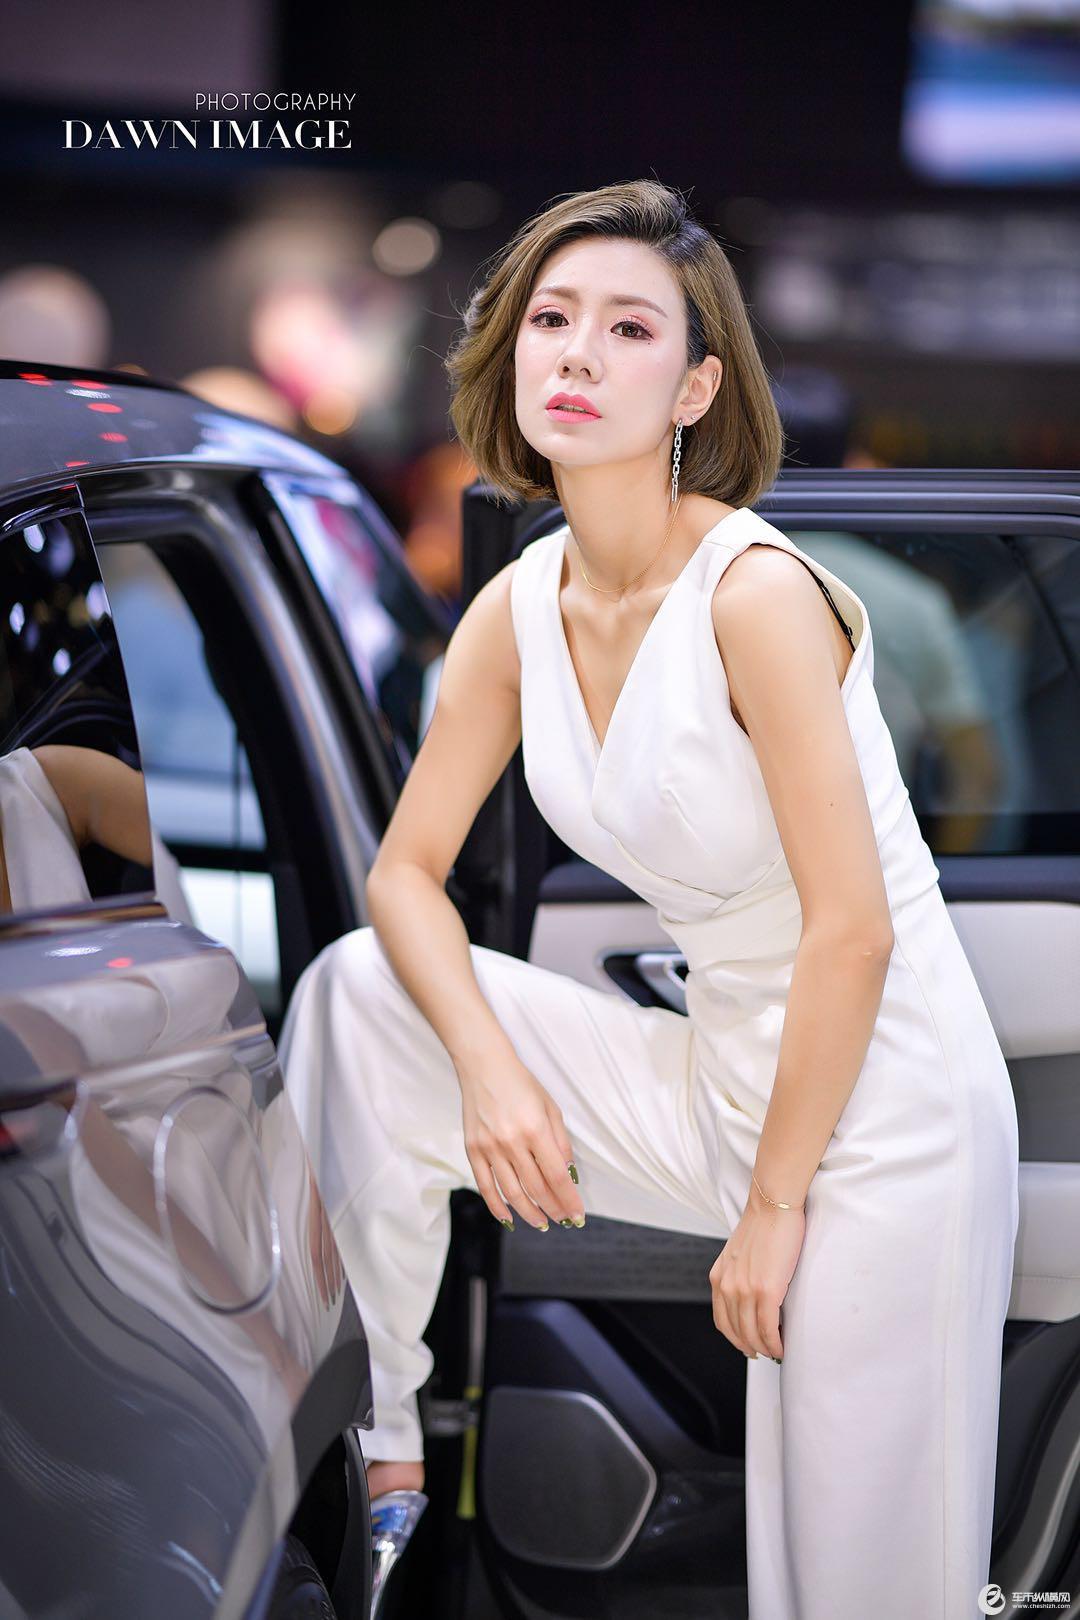 长春汽博会漂亮车模小姐姐等你来约之白衣飘飘